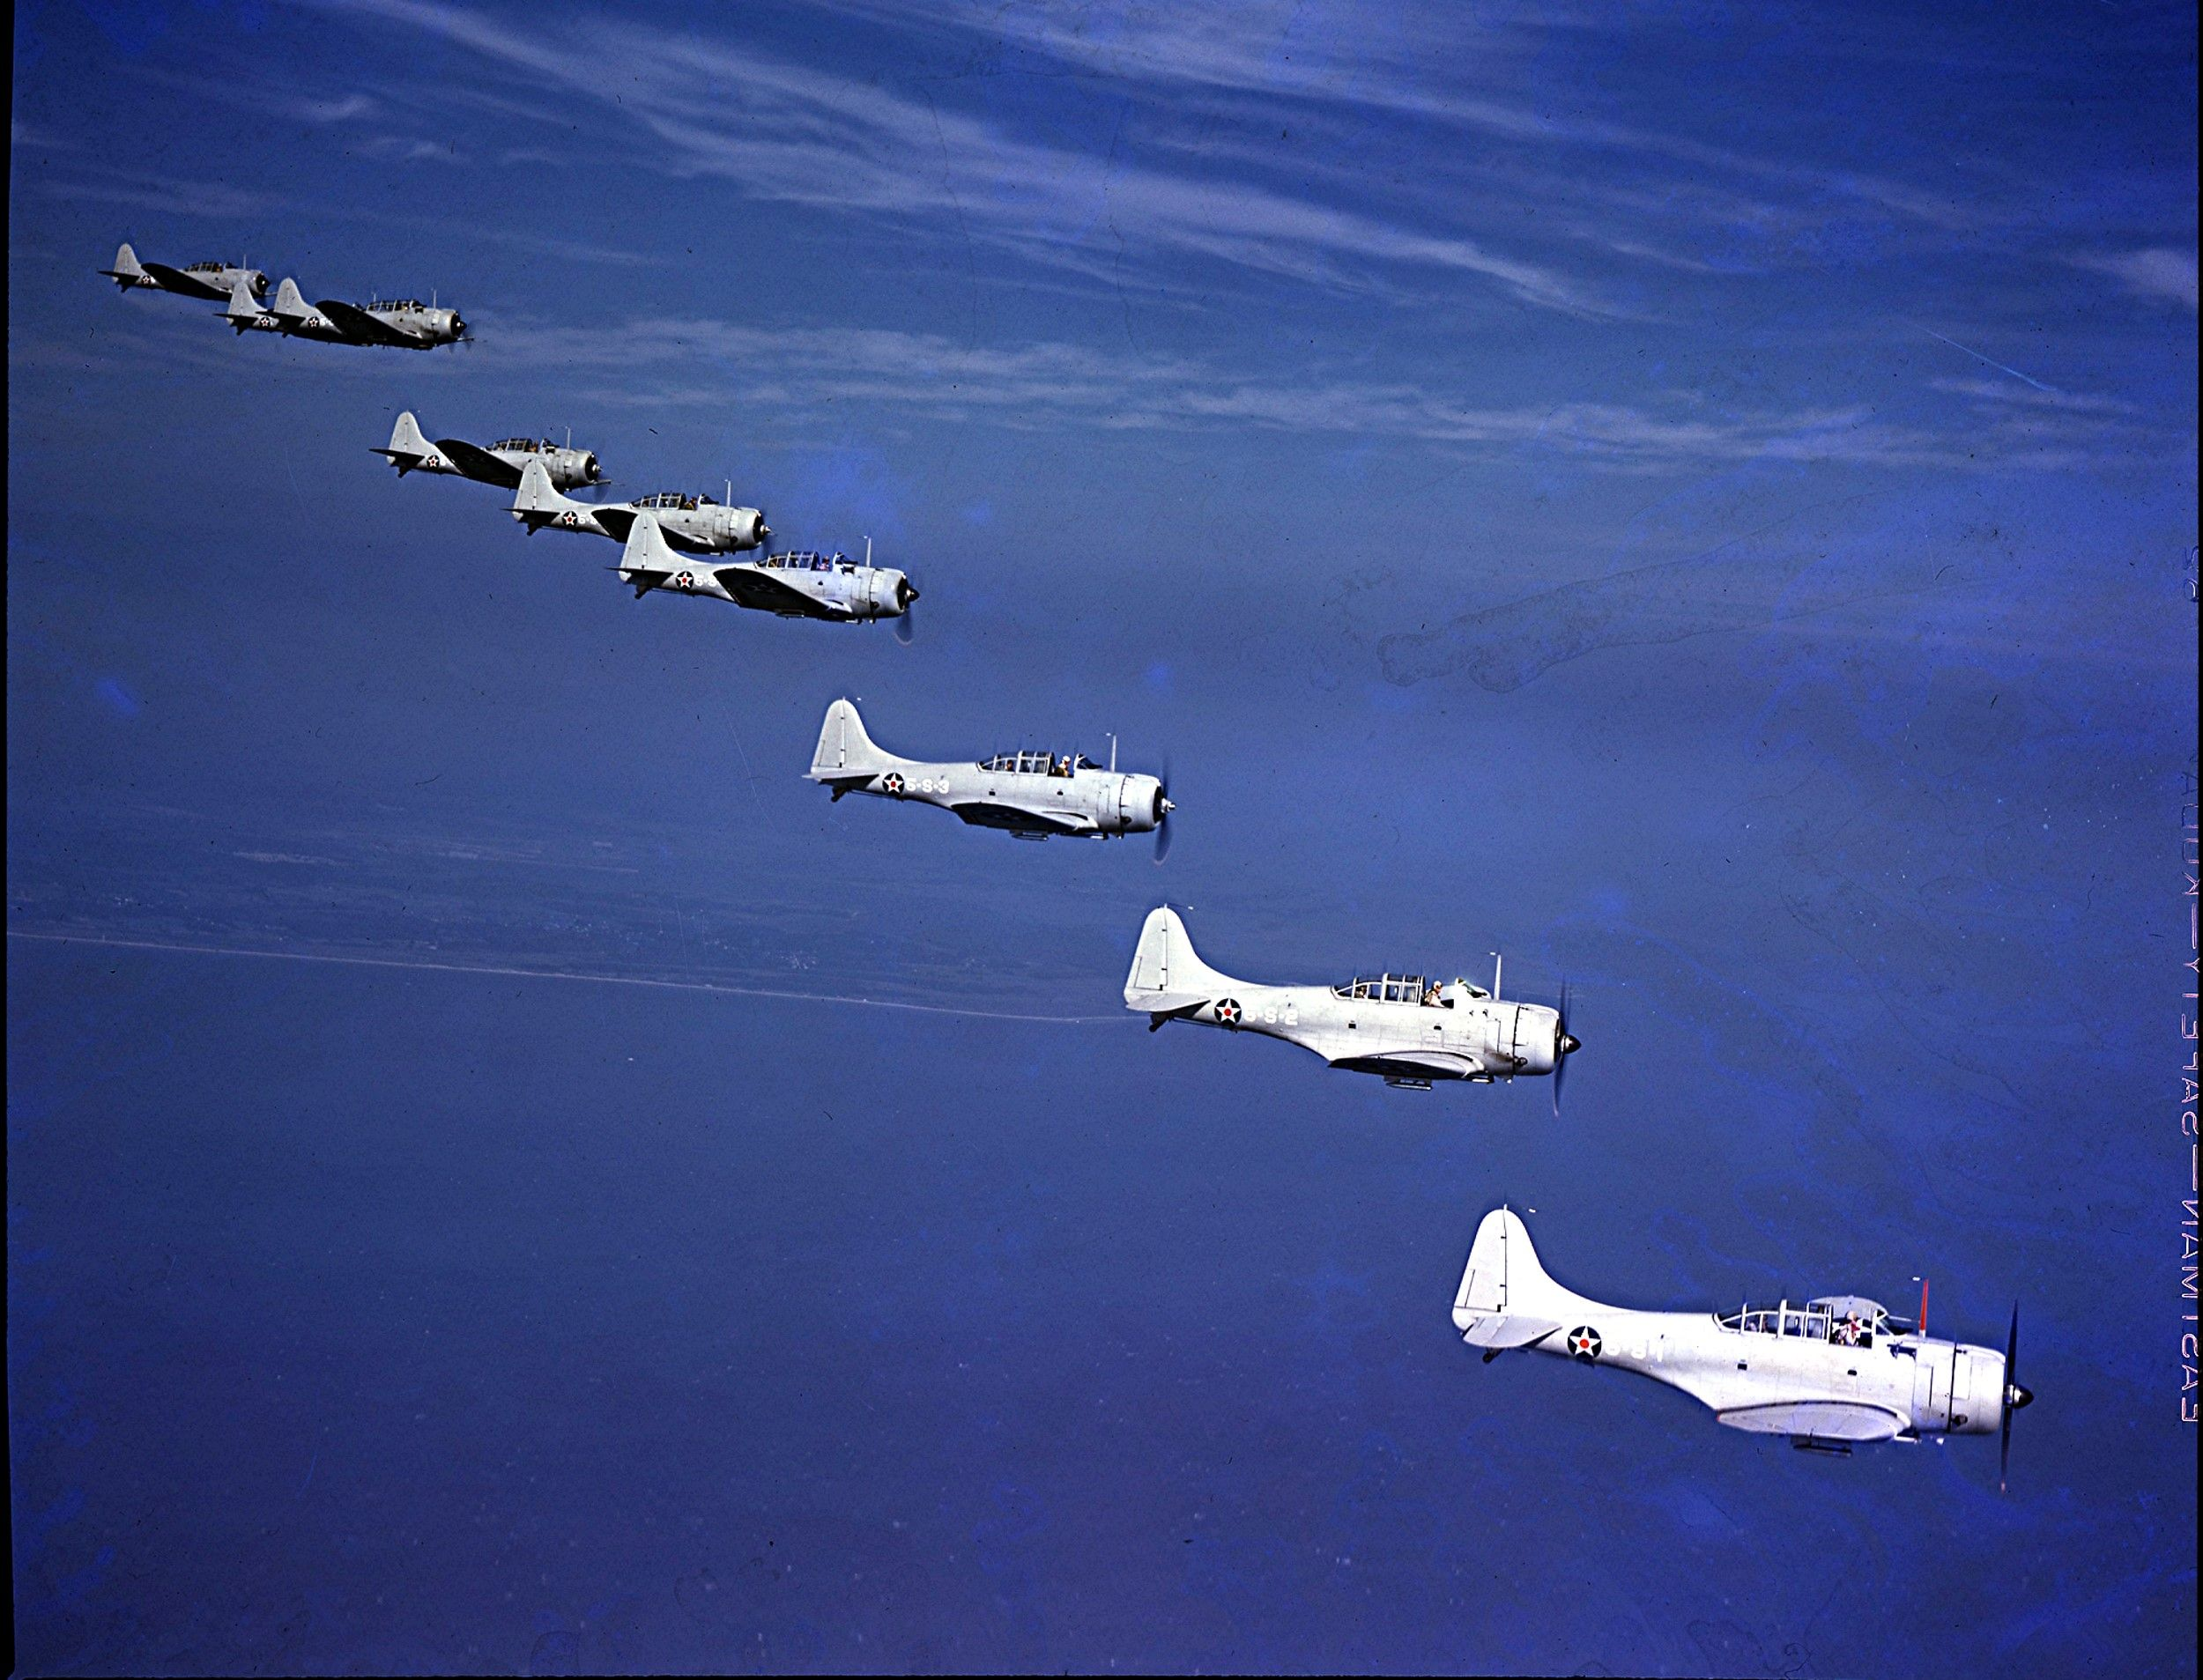 Douglas SBD-3 Dauntless   Aircraft of World War II - WW2Aircraft net